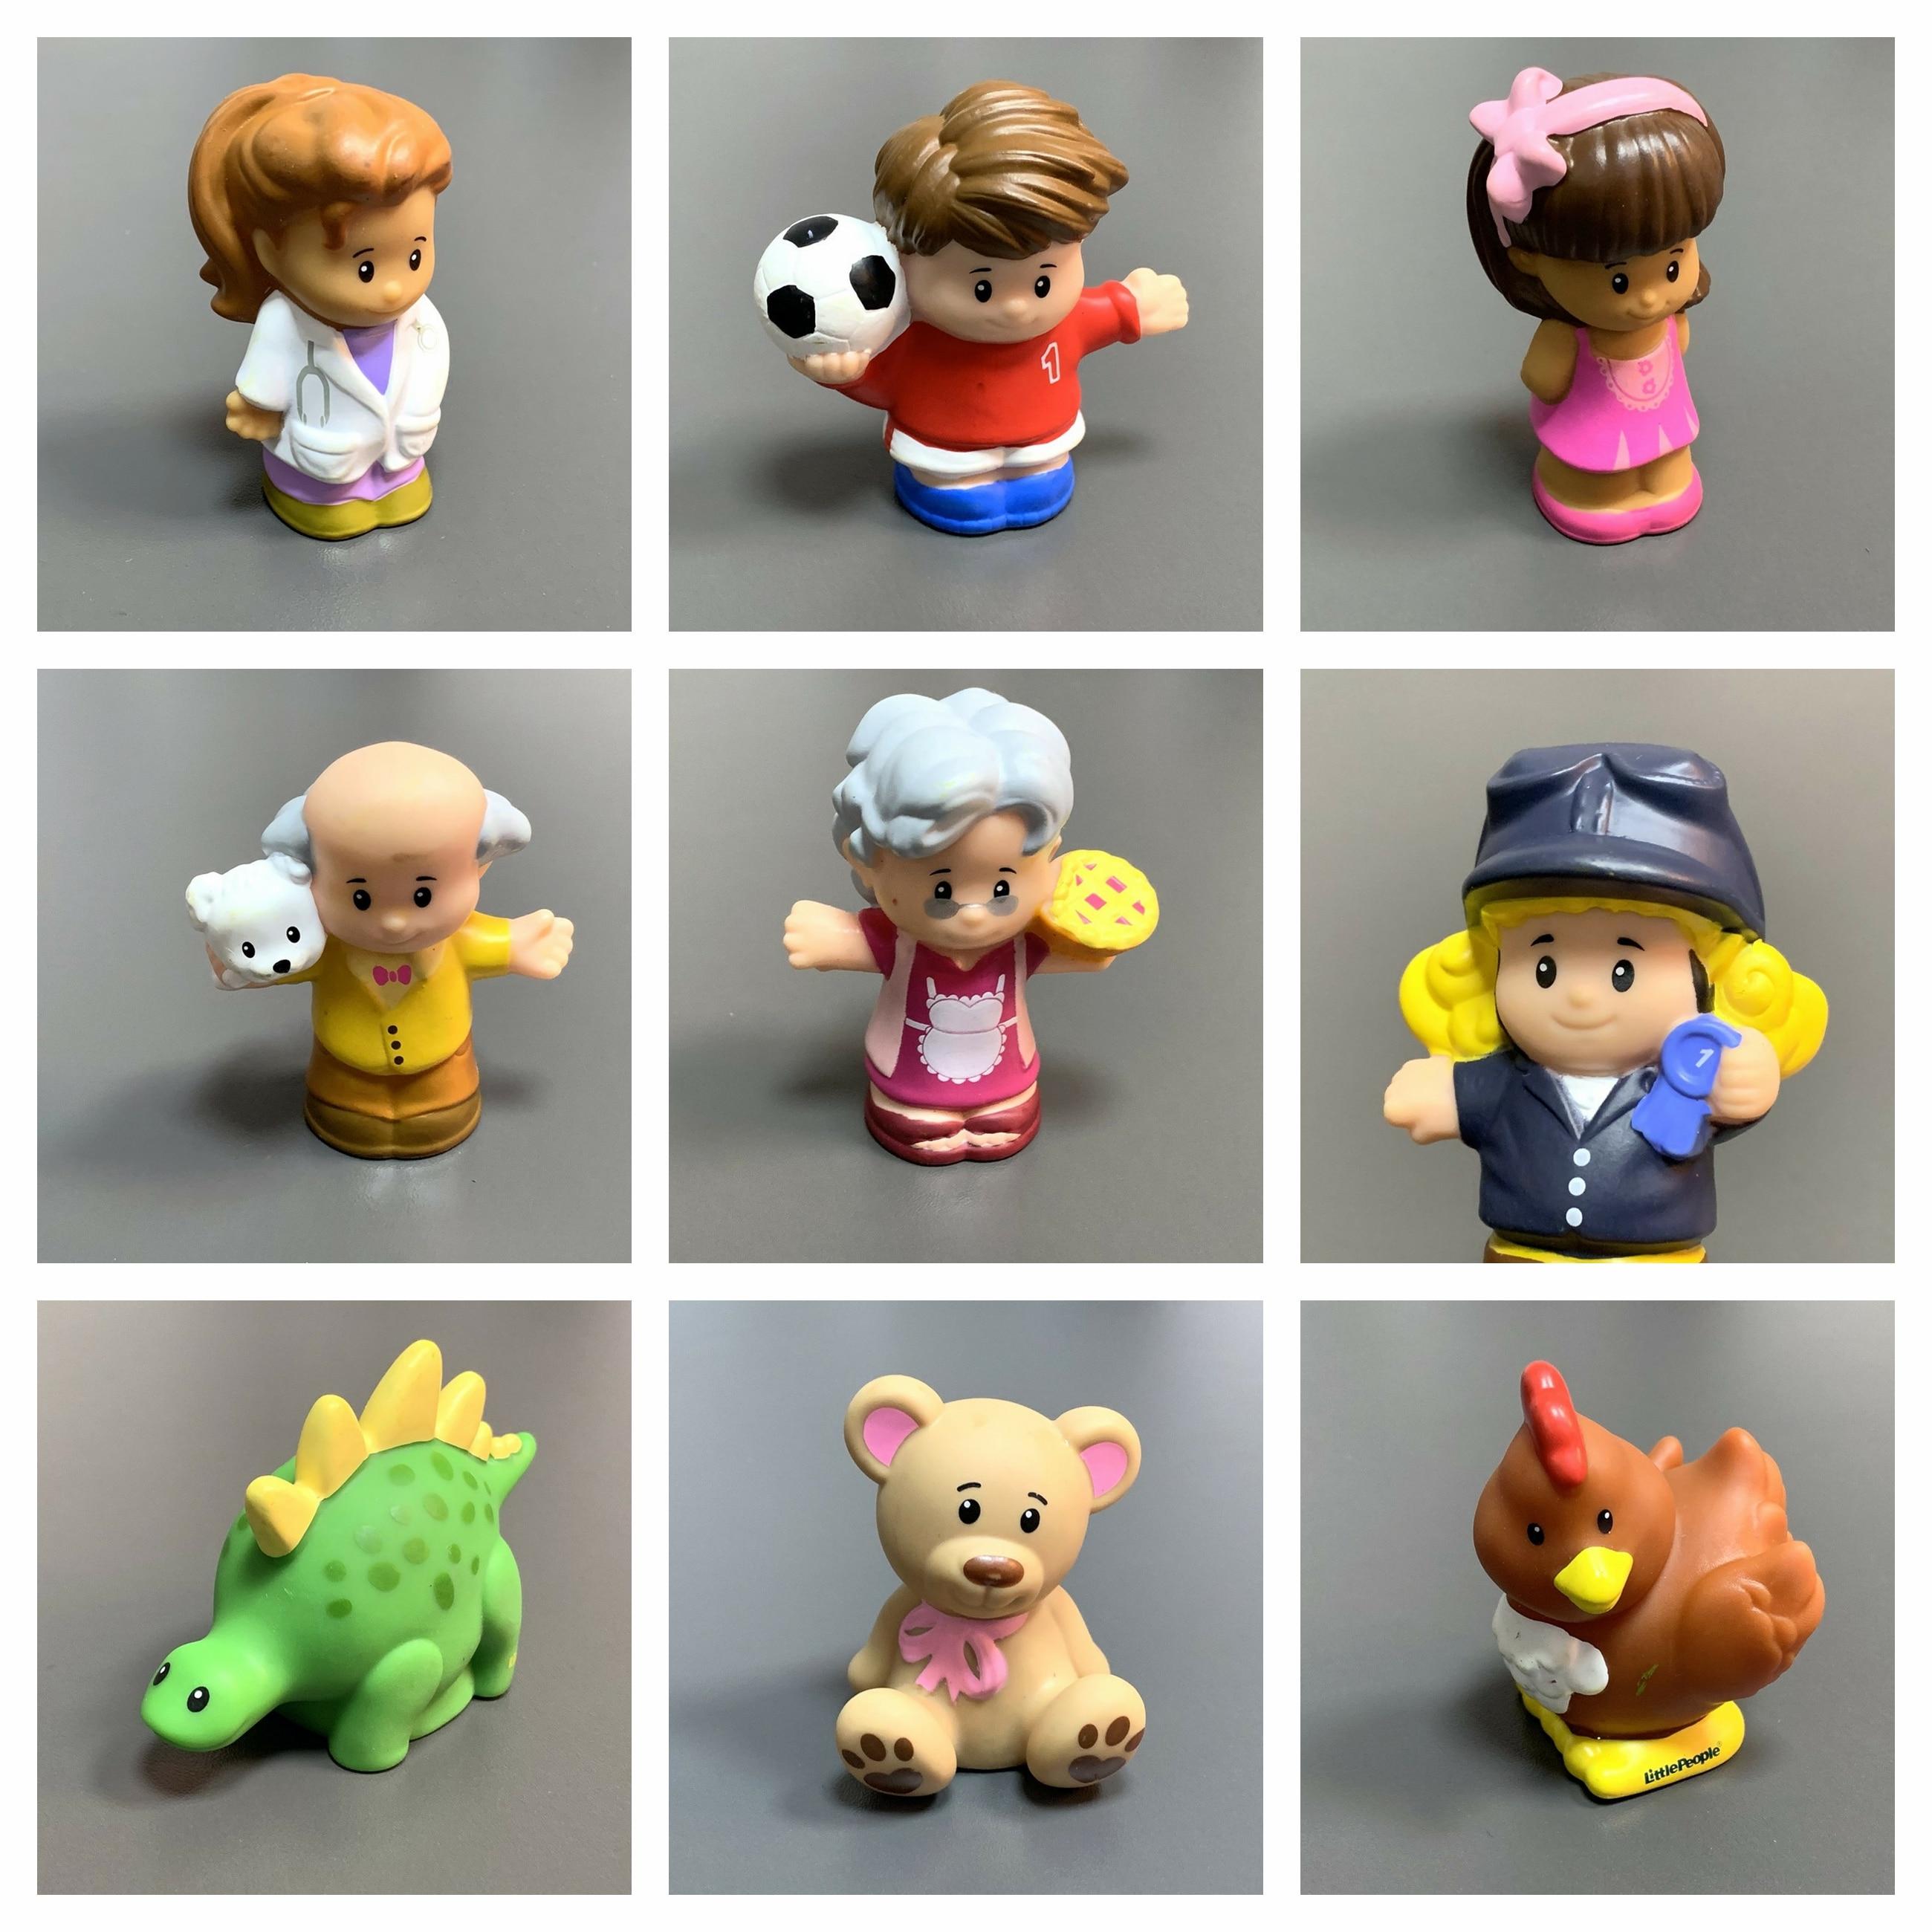 Fisher little doll mini pessoas zoo animal figura de ação menino dos desenhos animados bonecas brinquedos bonito das crianças presente natal